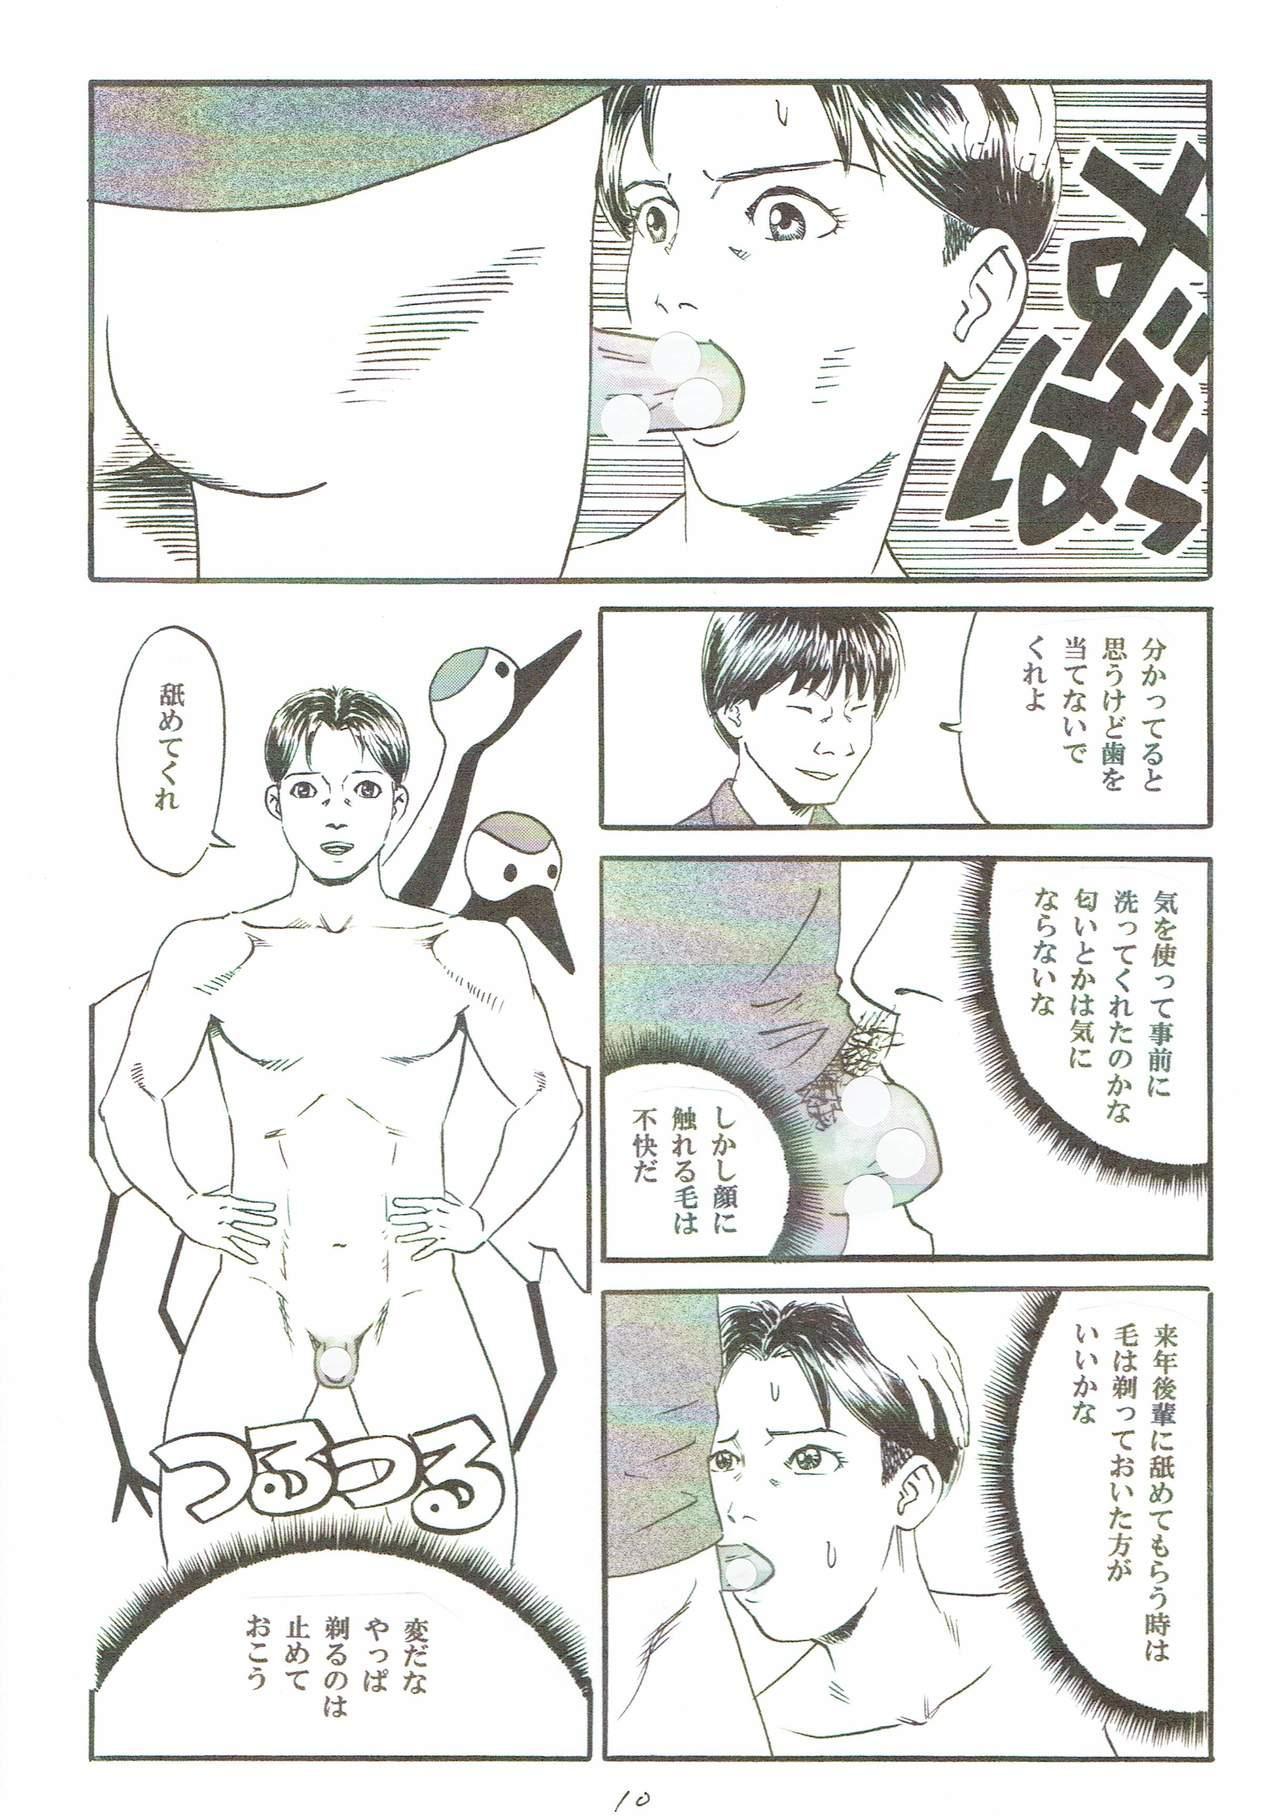 Atarashii Seikyouiku5 10